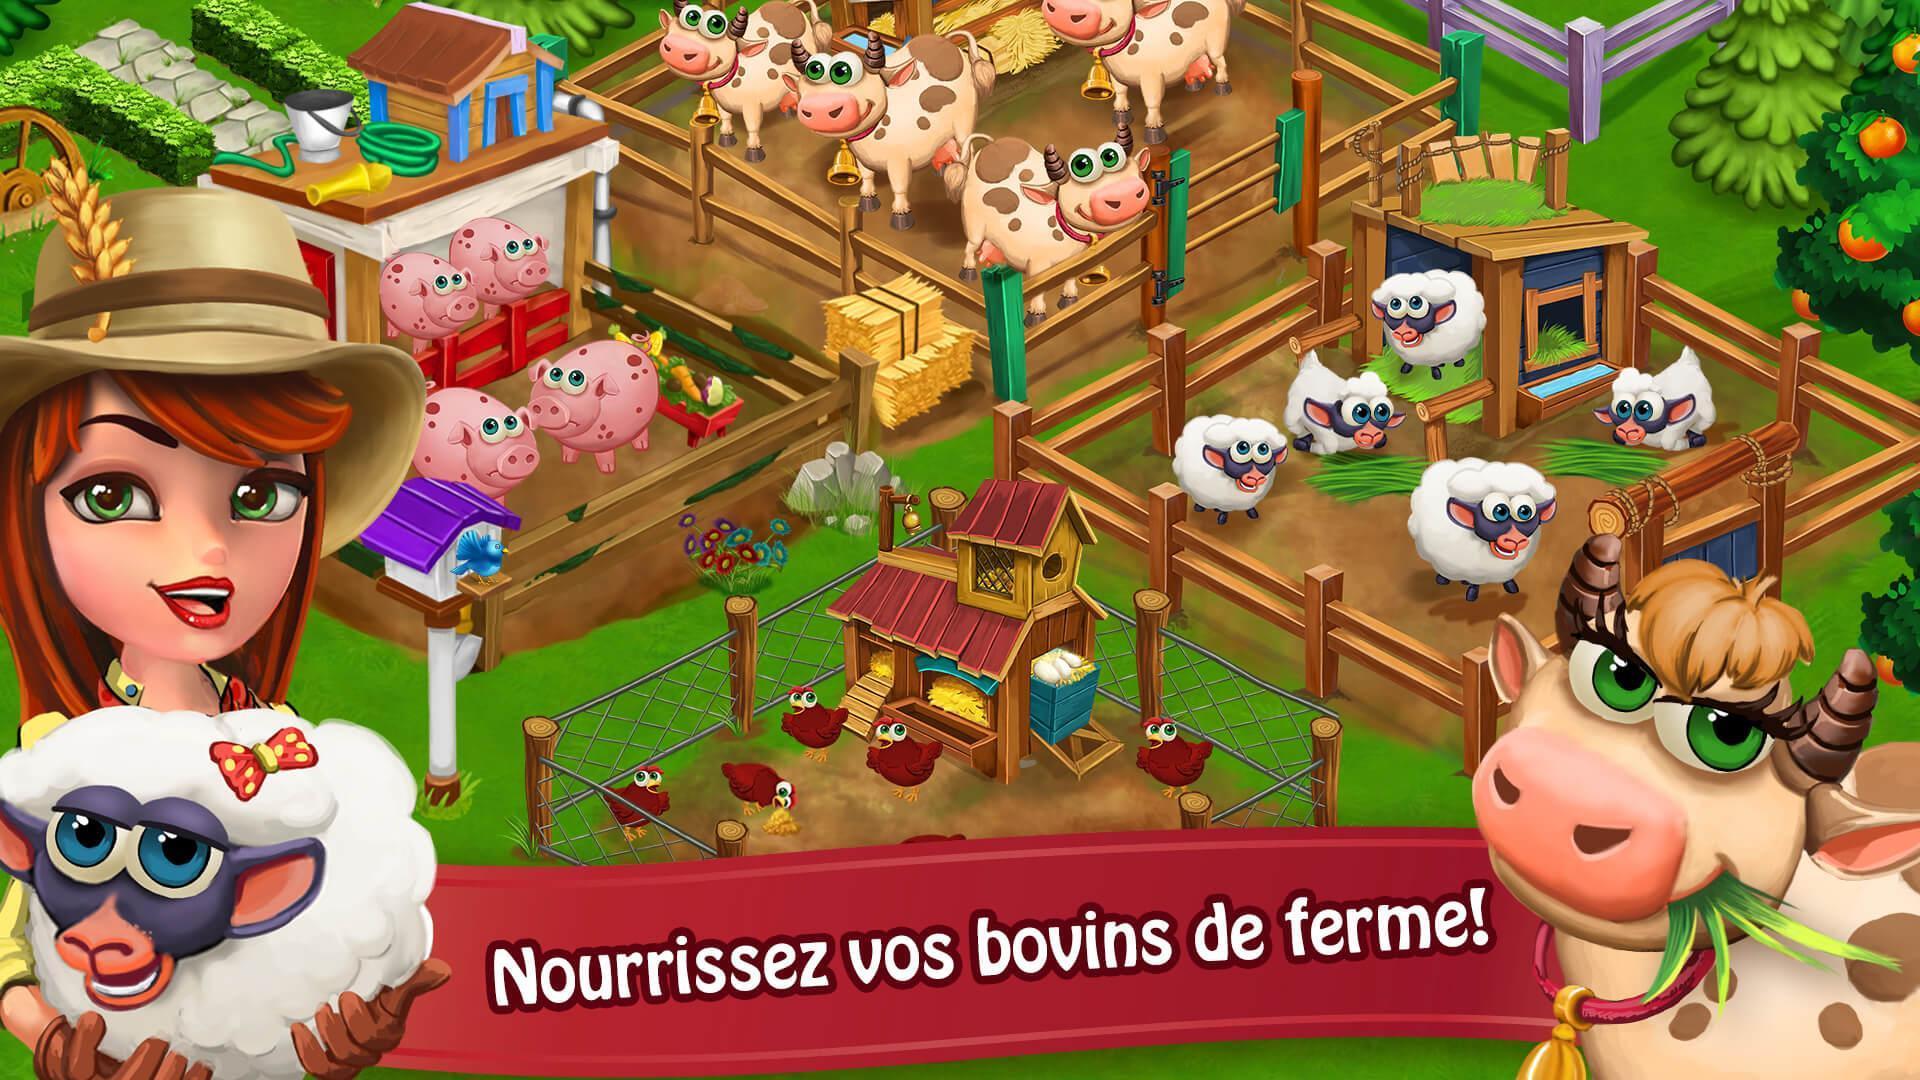 Jour Farm Village: Agriculture Jeux Hors Ligne Pour Android serapportantà Jeux En Ligne De Ferme